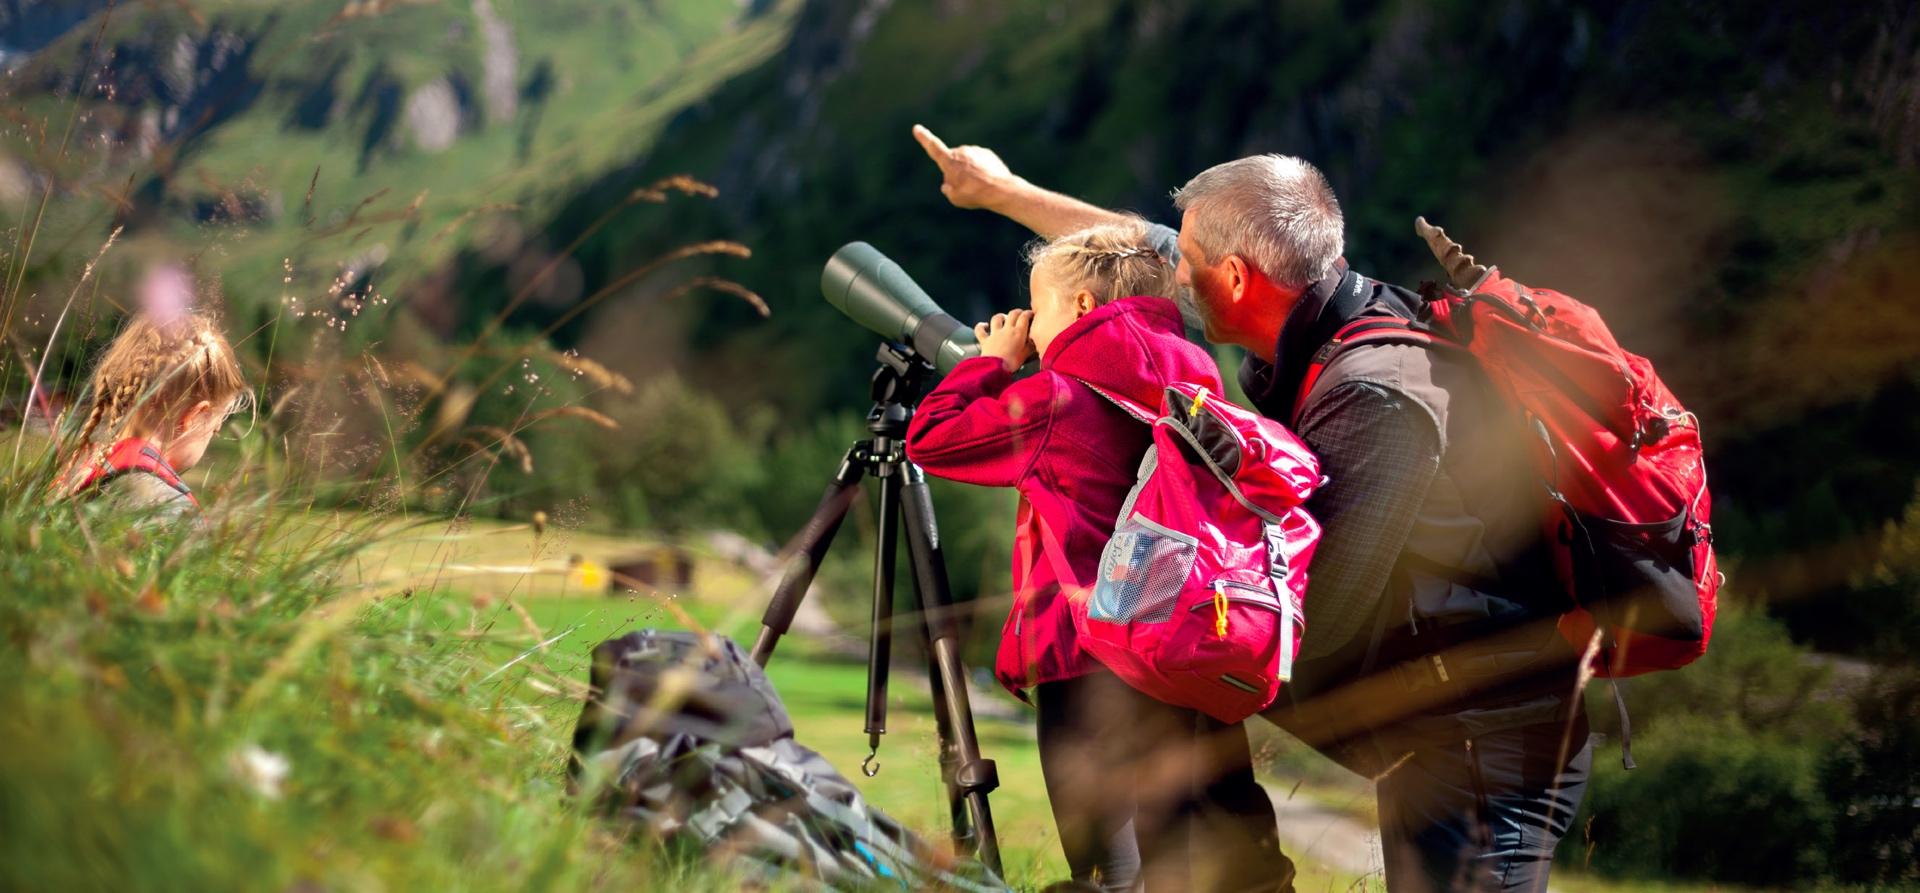 Naturbeobachtung durch das Monokular muss geübt werden. Der Nationalparkranger zeigt dem Jungen wie es funktioniert © Nationalpark Hohe Tauern: Martin Kurzthaler, Martin Lugger